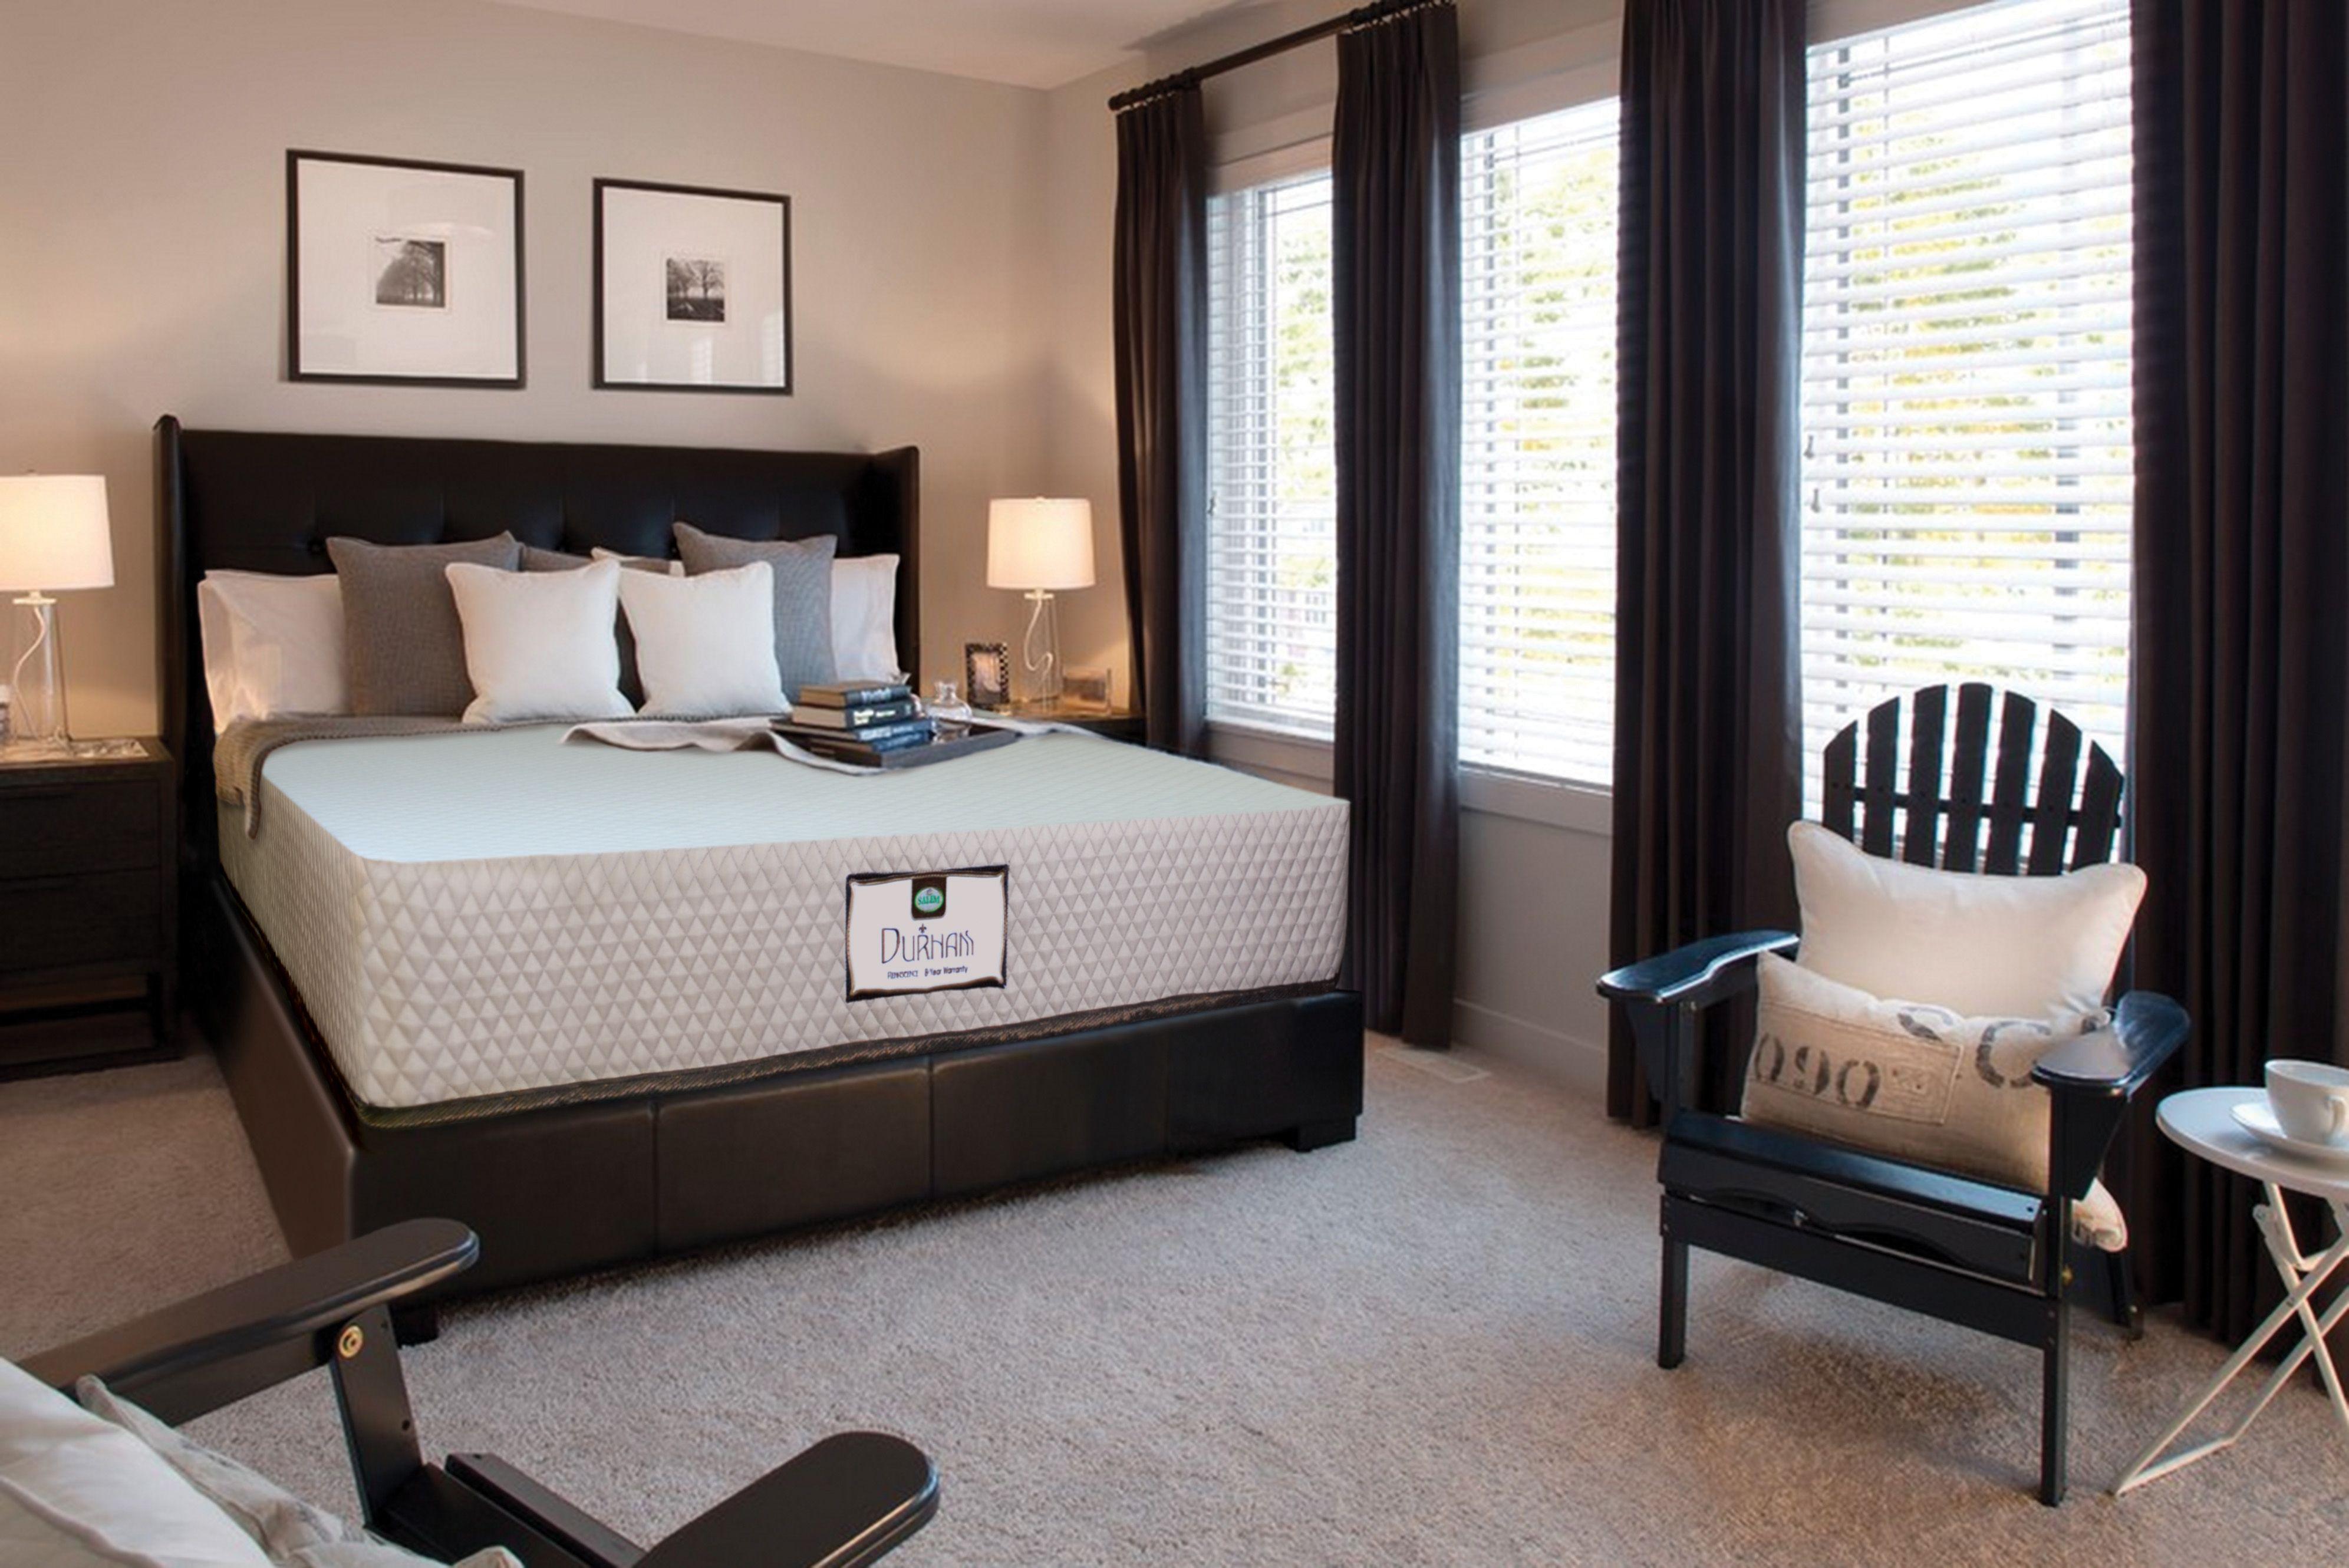 Durham-on-luksus-bedroomfin